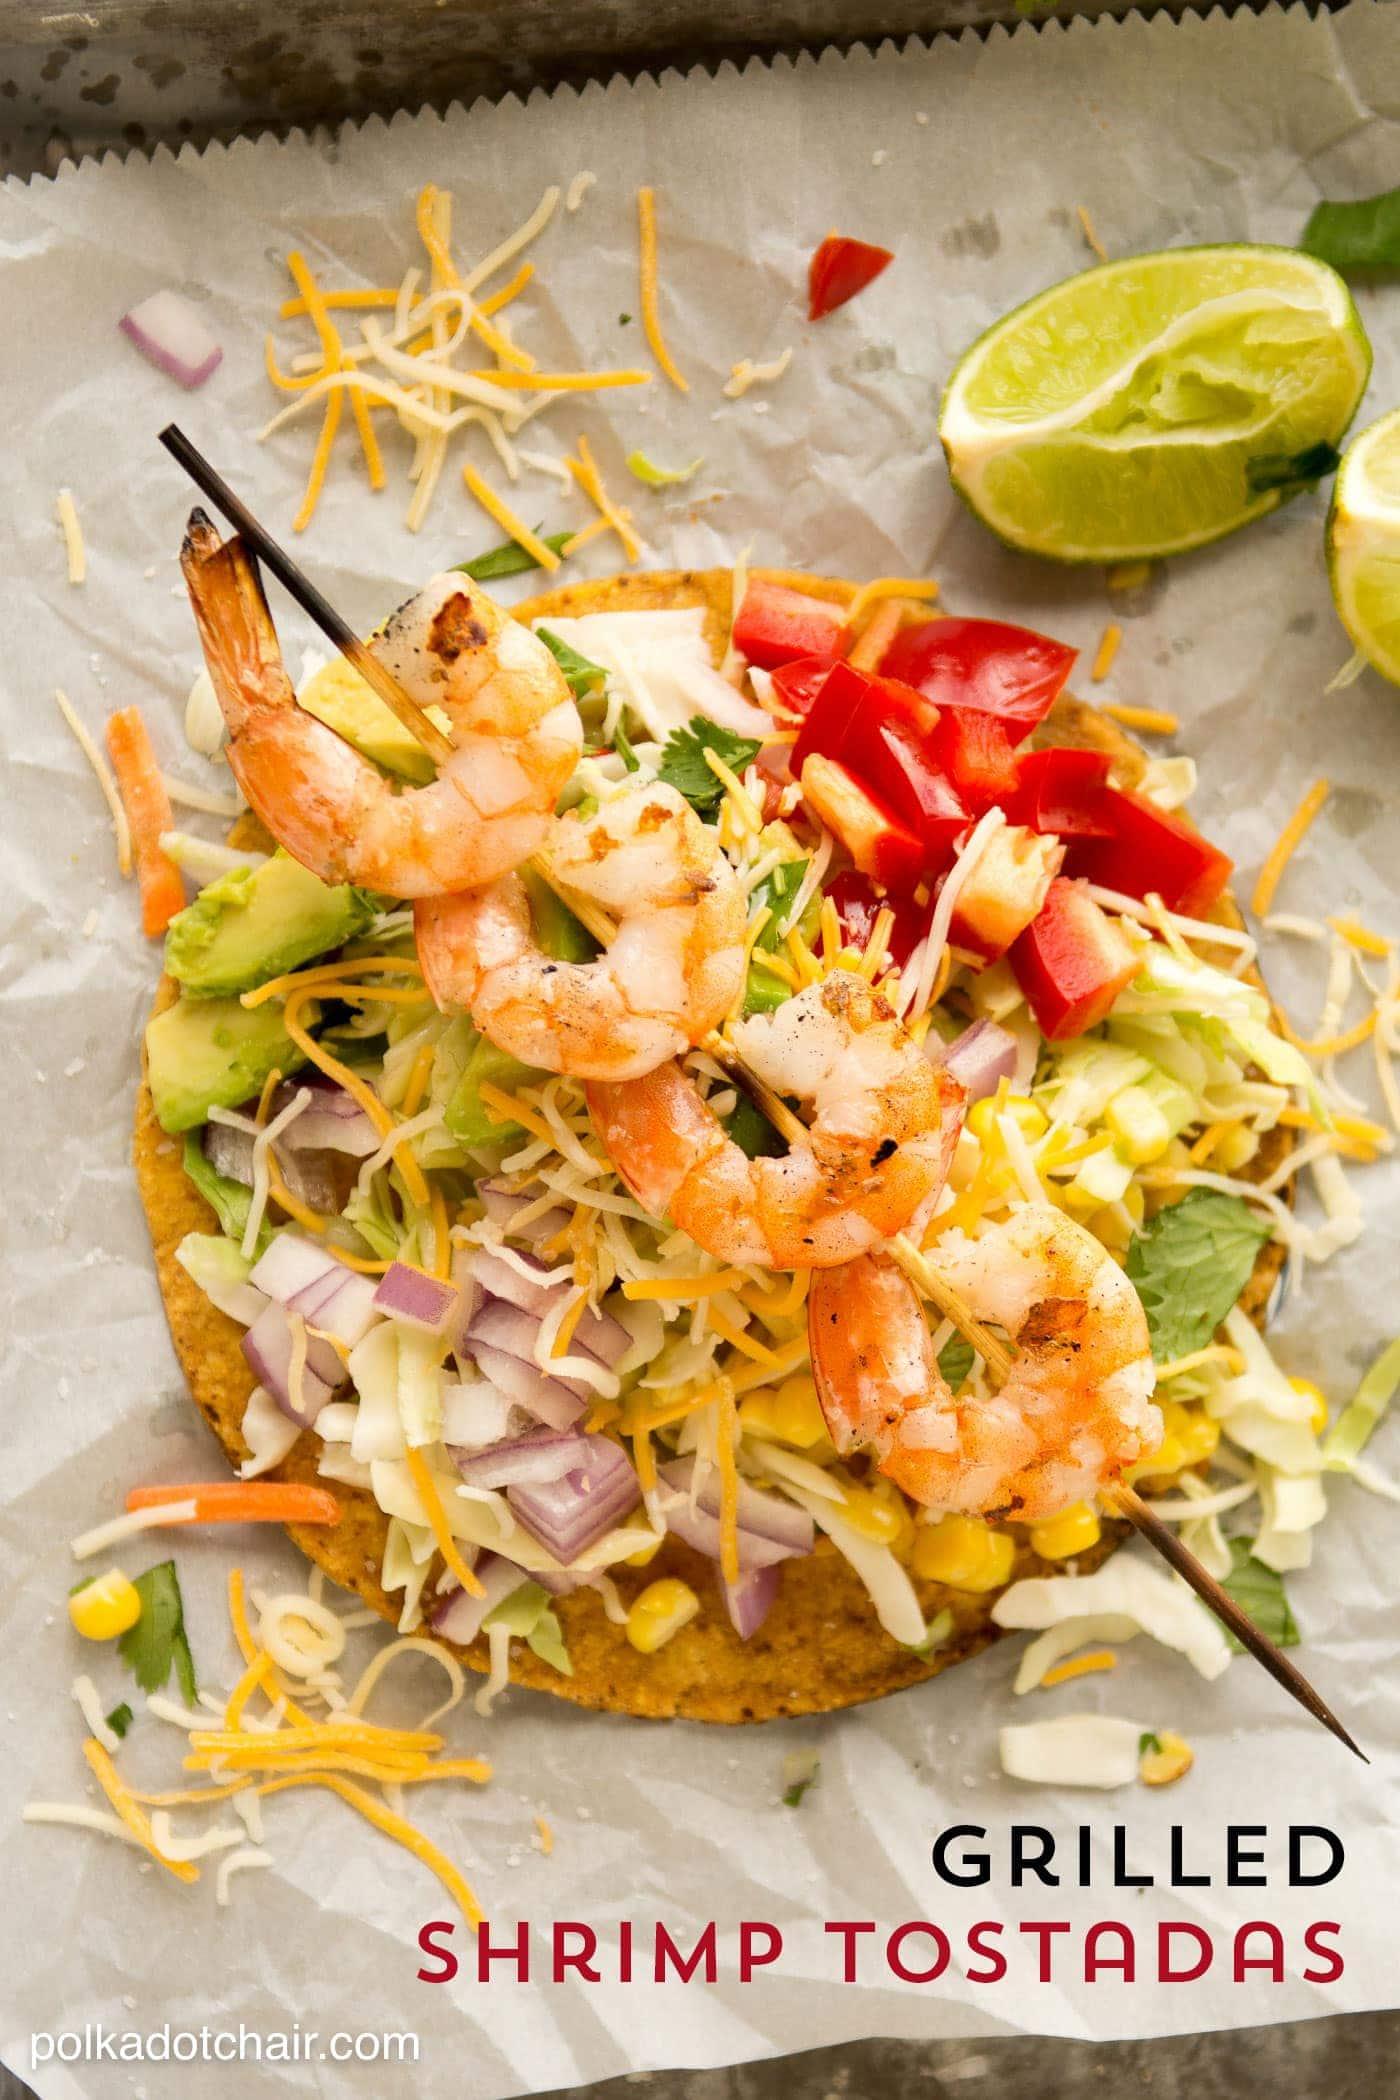 Grilled Shrimp Tostadas Recipe